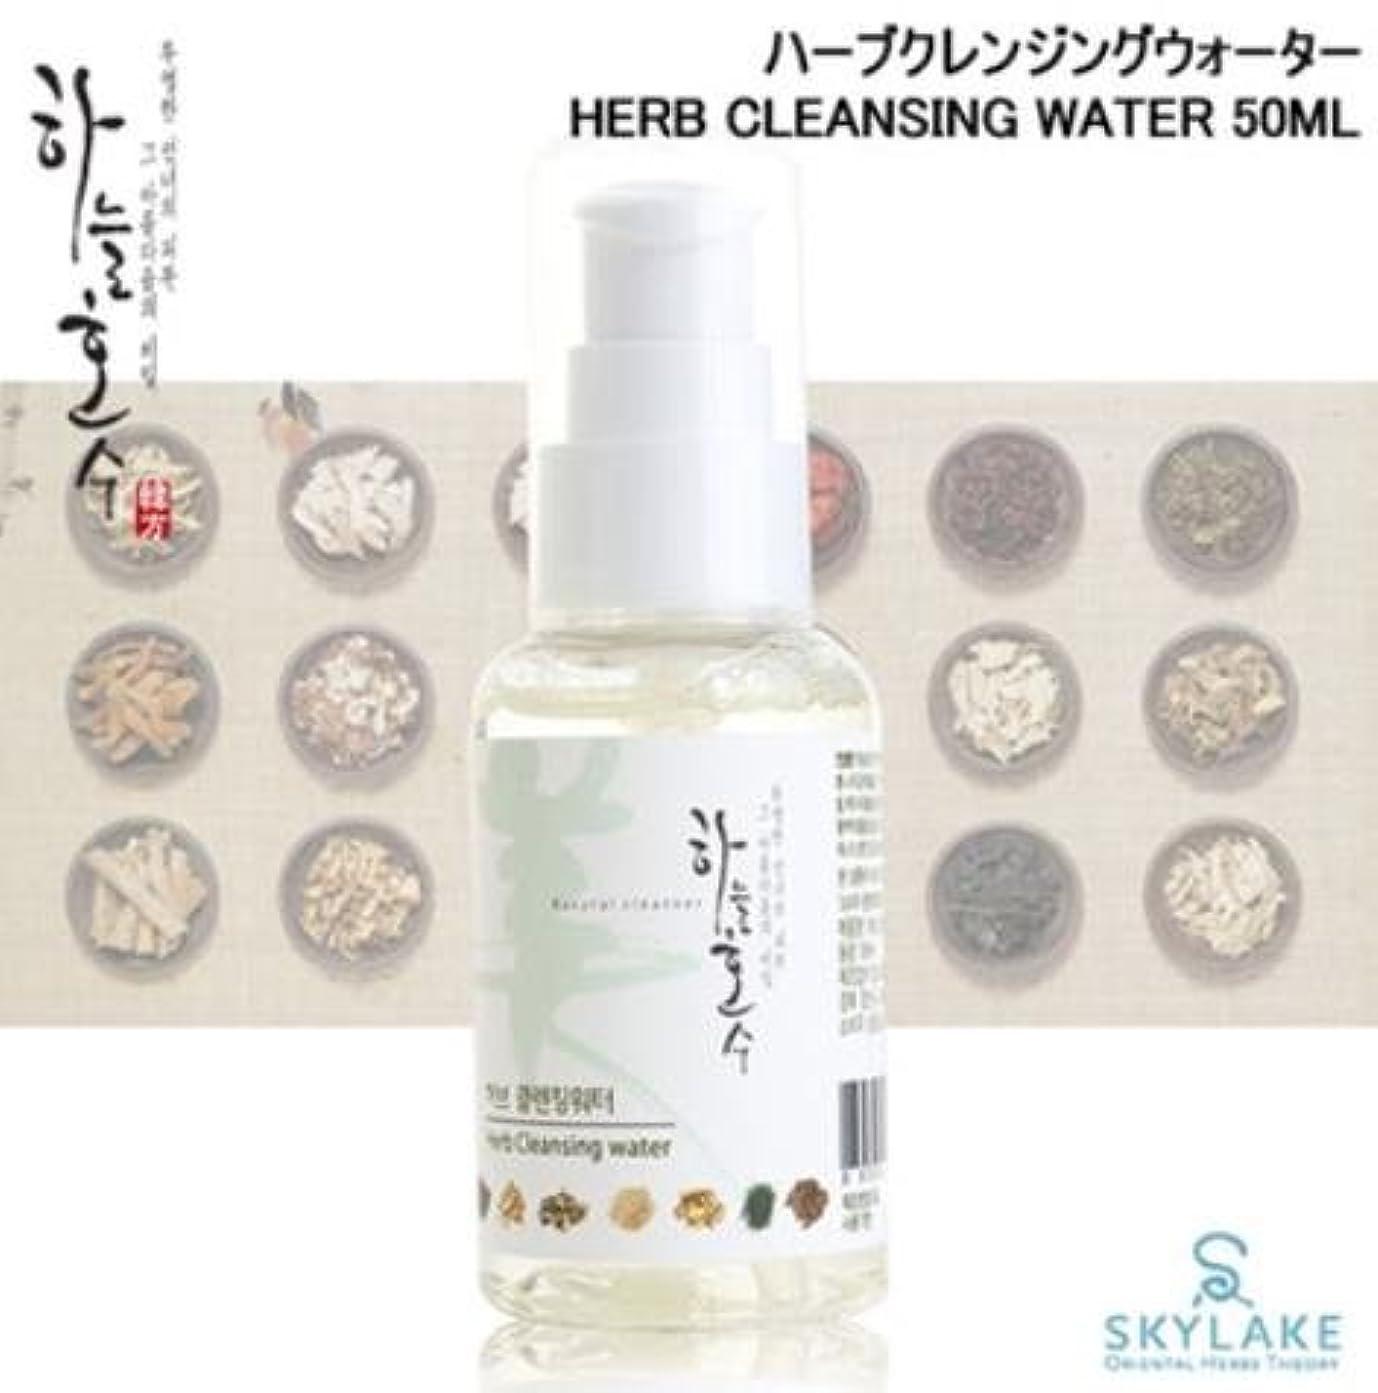 魔法未払い成果[ハヌルホス] Skylake [ハーブクレンジングウォーター (50ml)] (Herb Cleansing Water (50ml)) [並行輸入品]